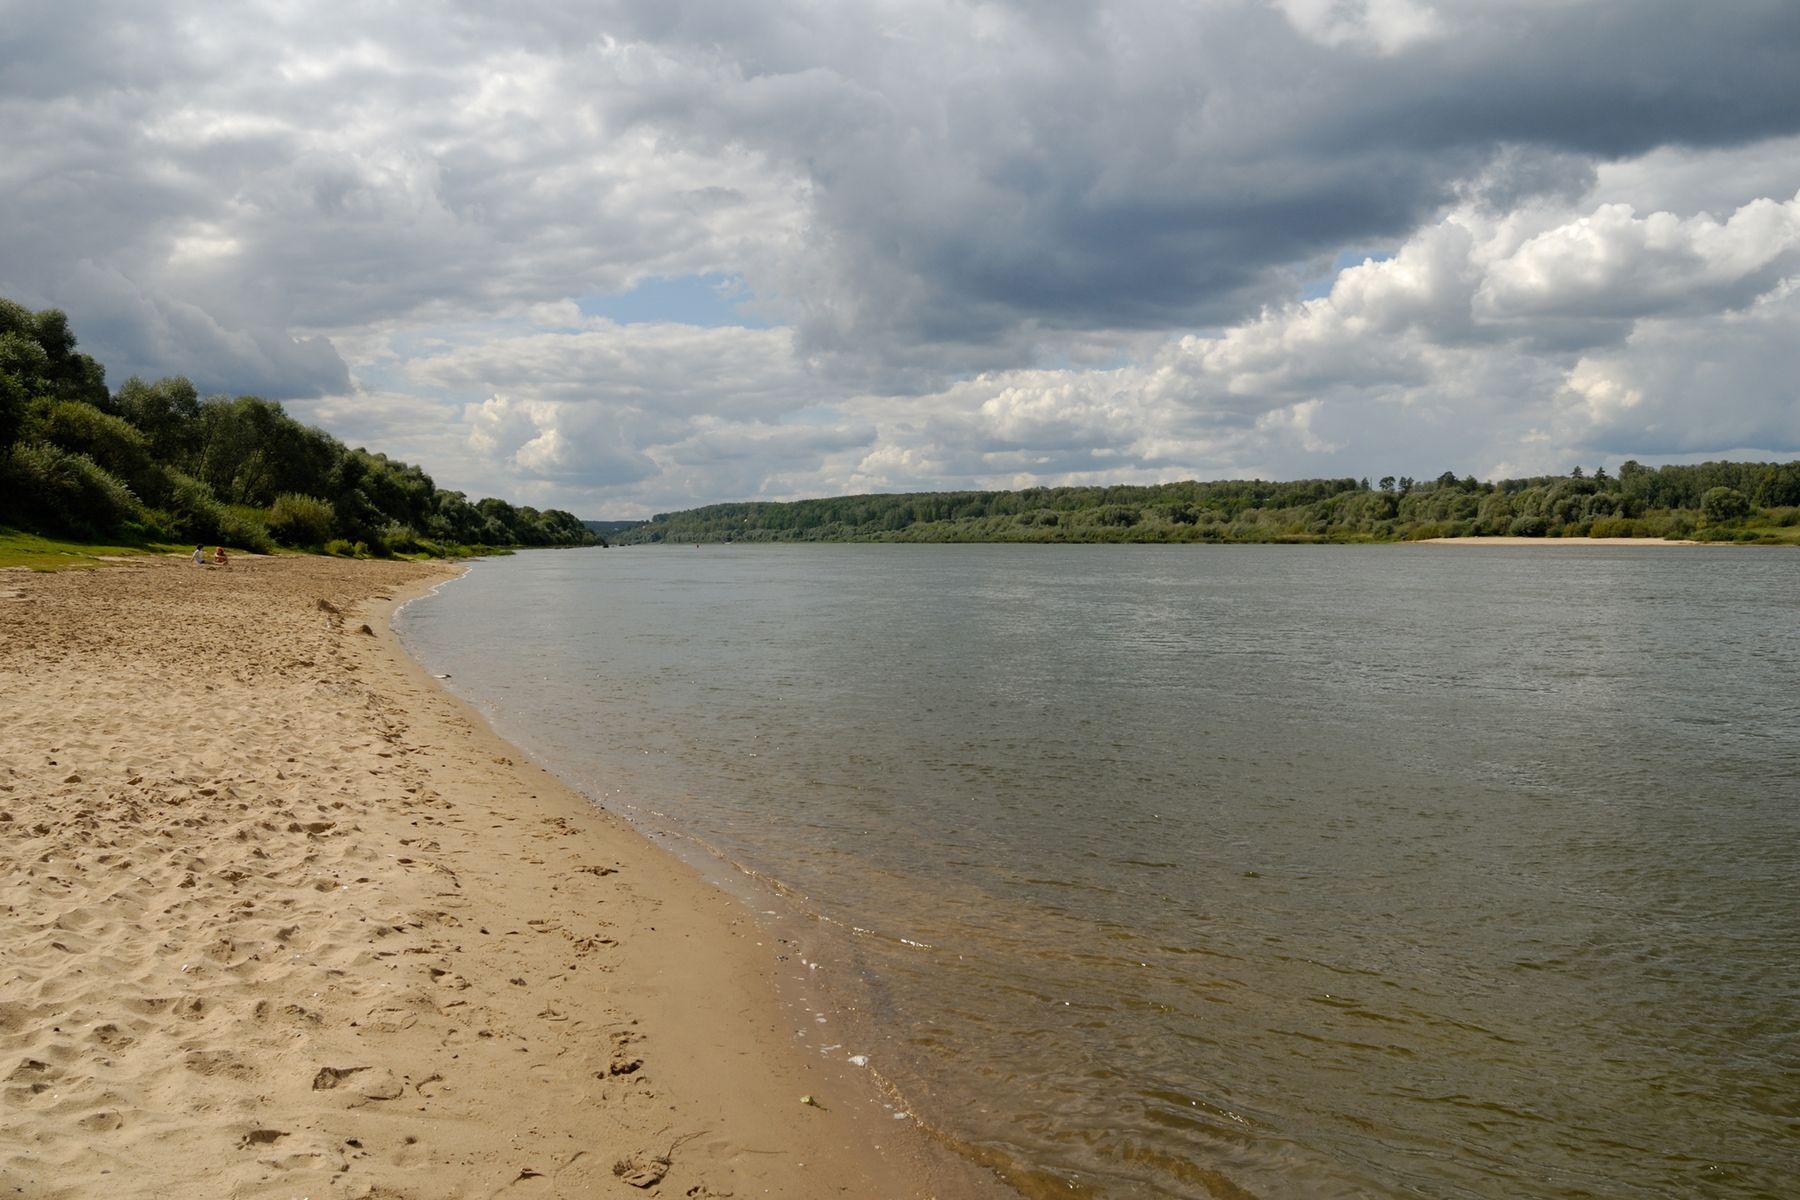 Песчаный пляж на Оке Россия Тульская область Поленово пейзаж Ока лето пляж